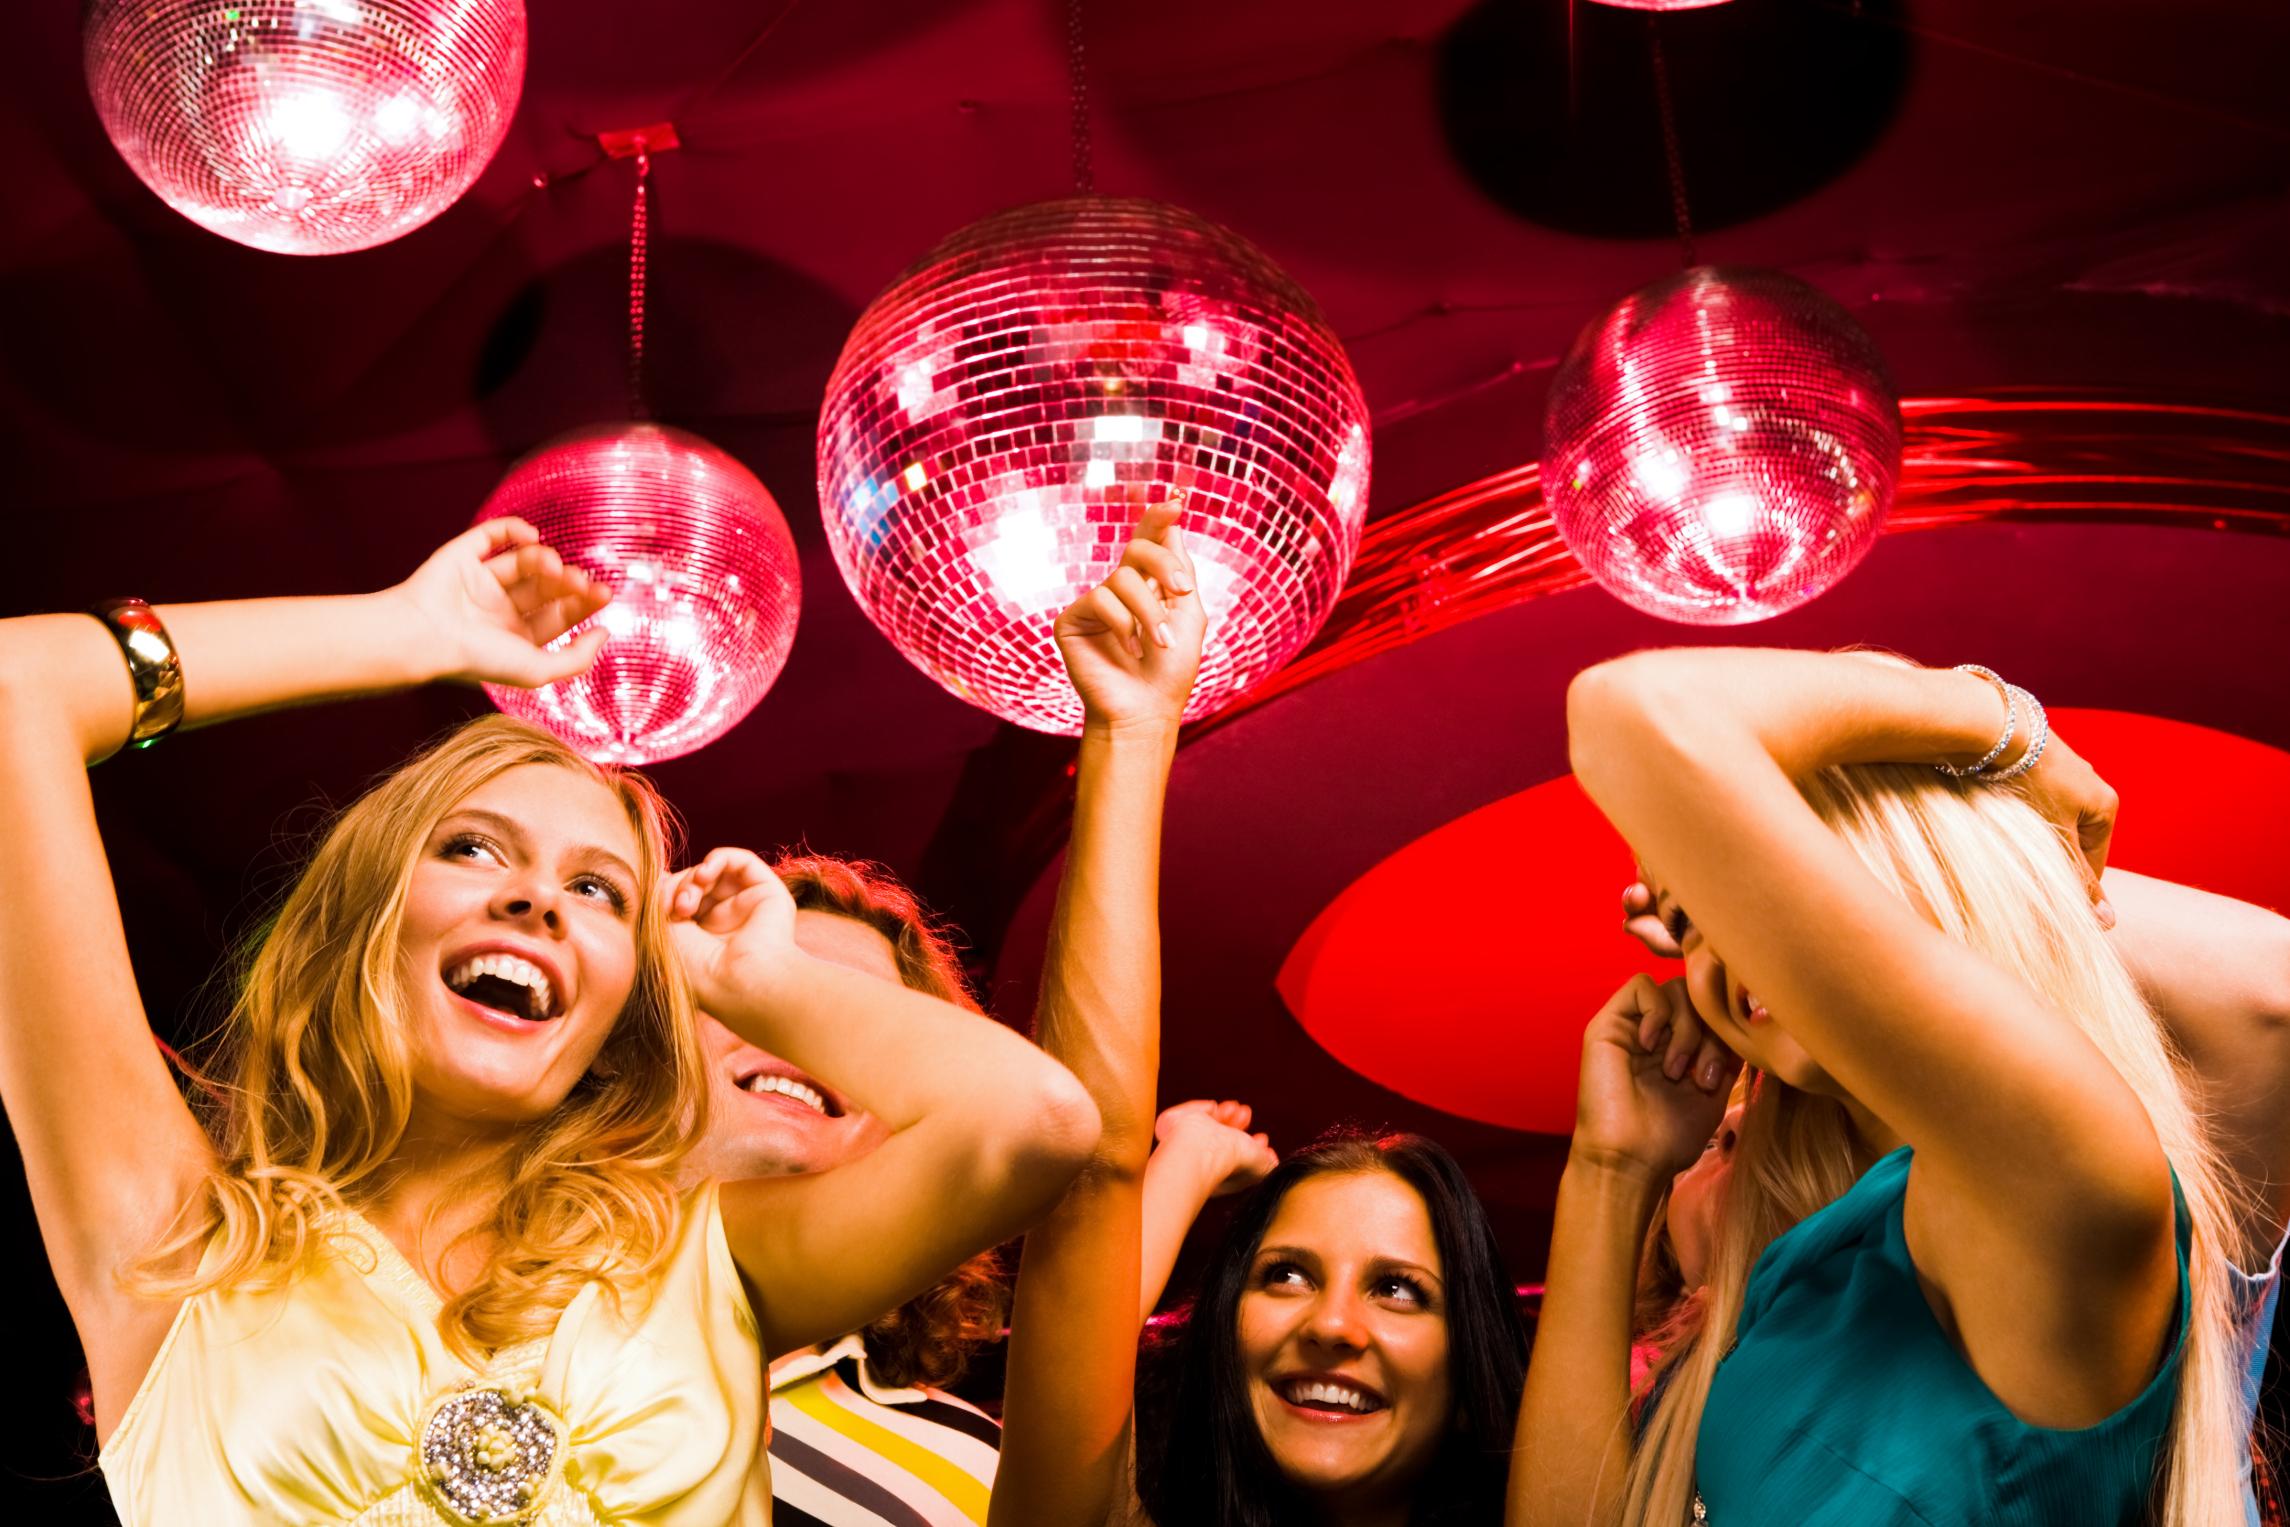 Секс танцы девочек на дискотеках 19 фотография